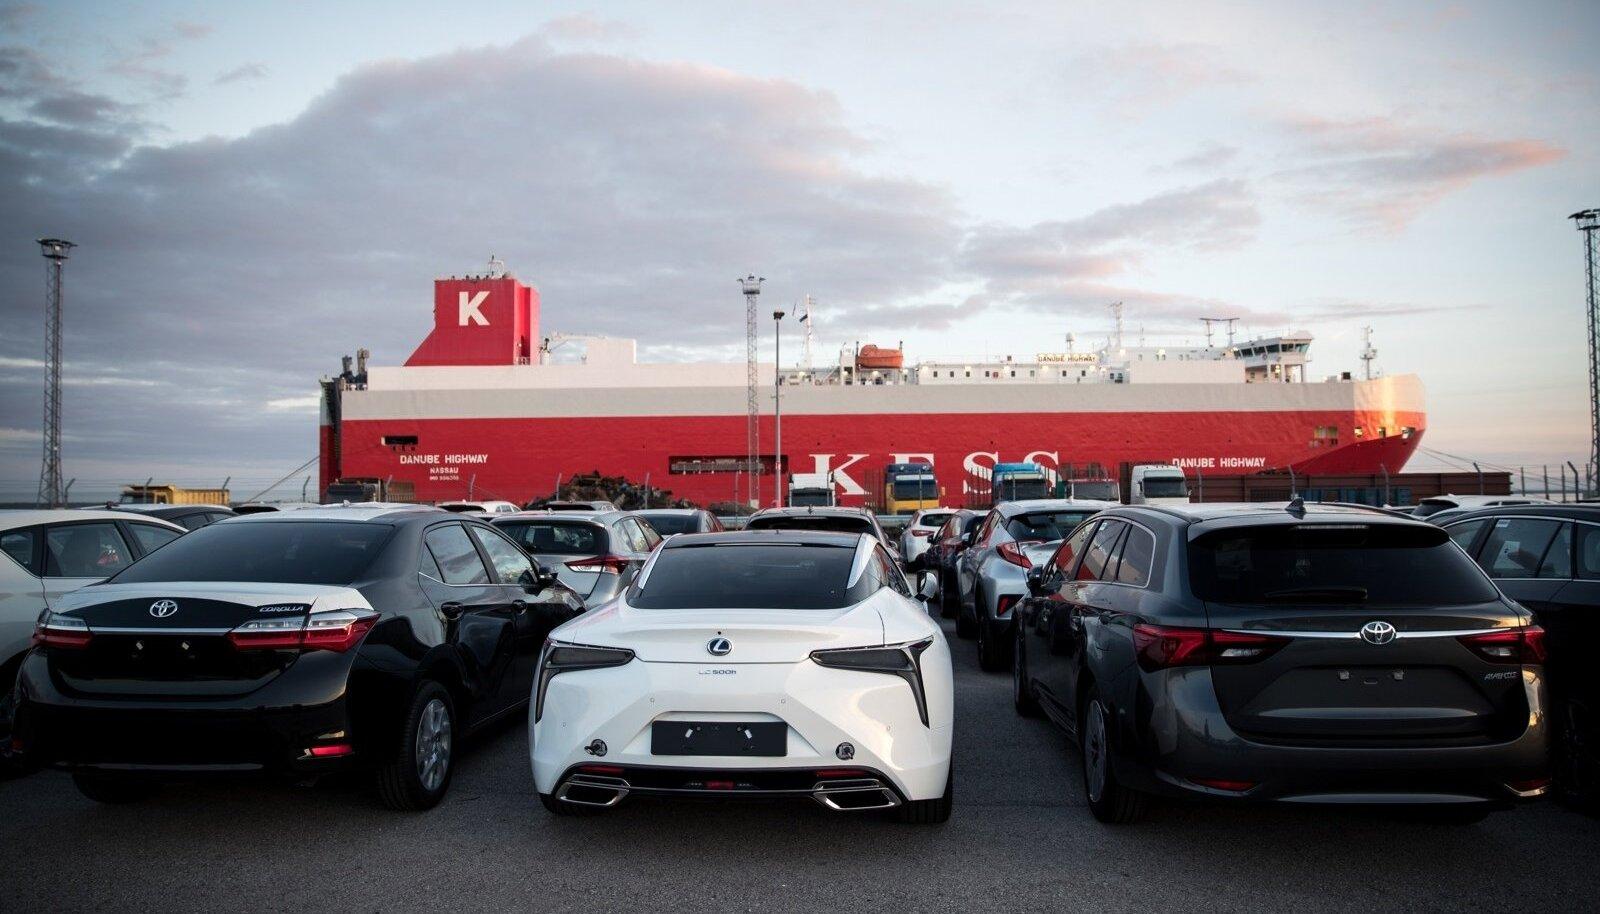 Uued autod Paldiski sadamas